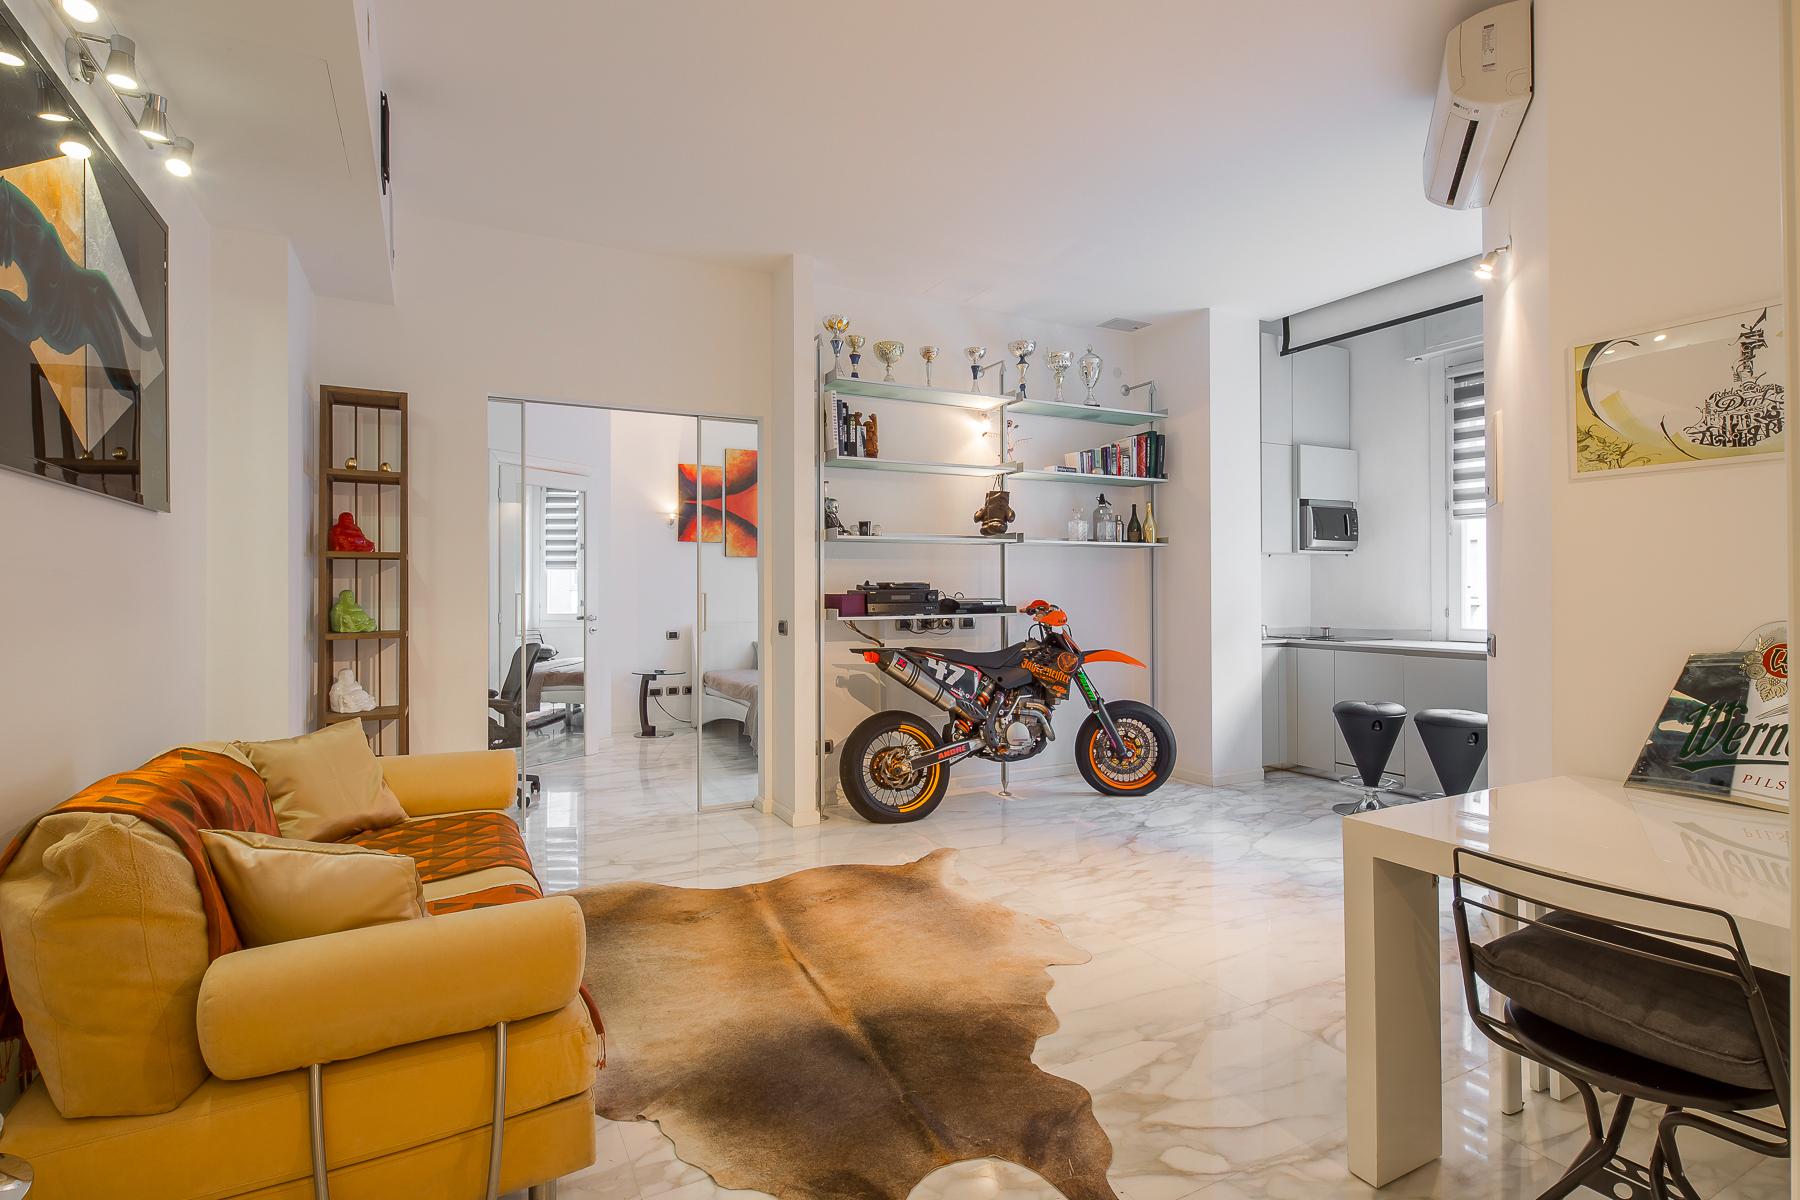 Appartamento in Affitto a Milano: 2 locali, 55 mq - Foto 1